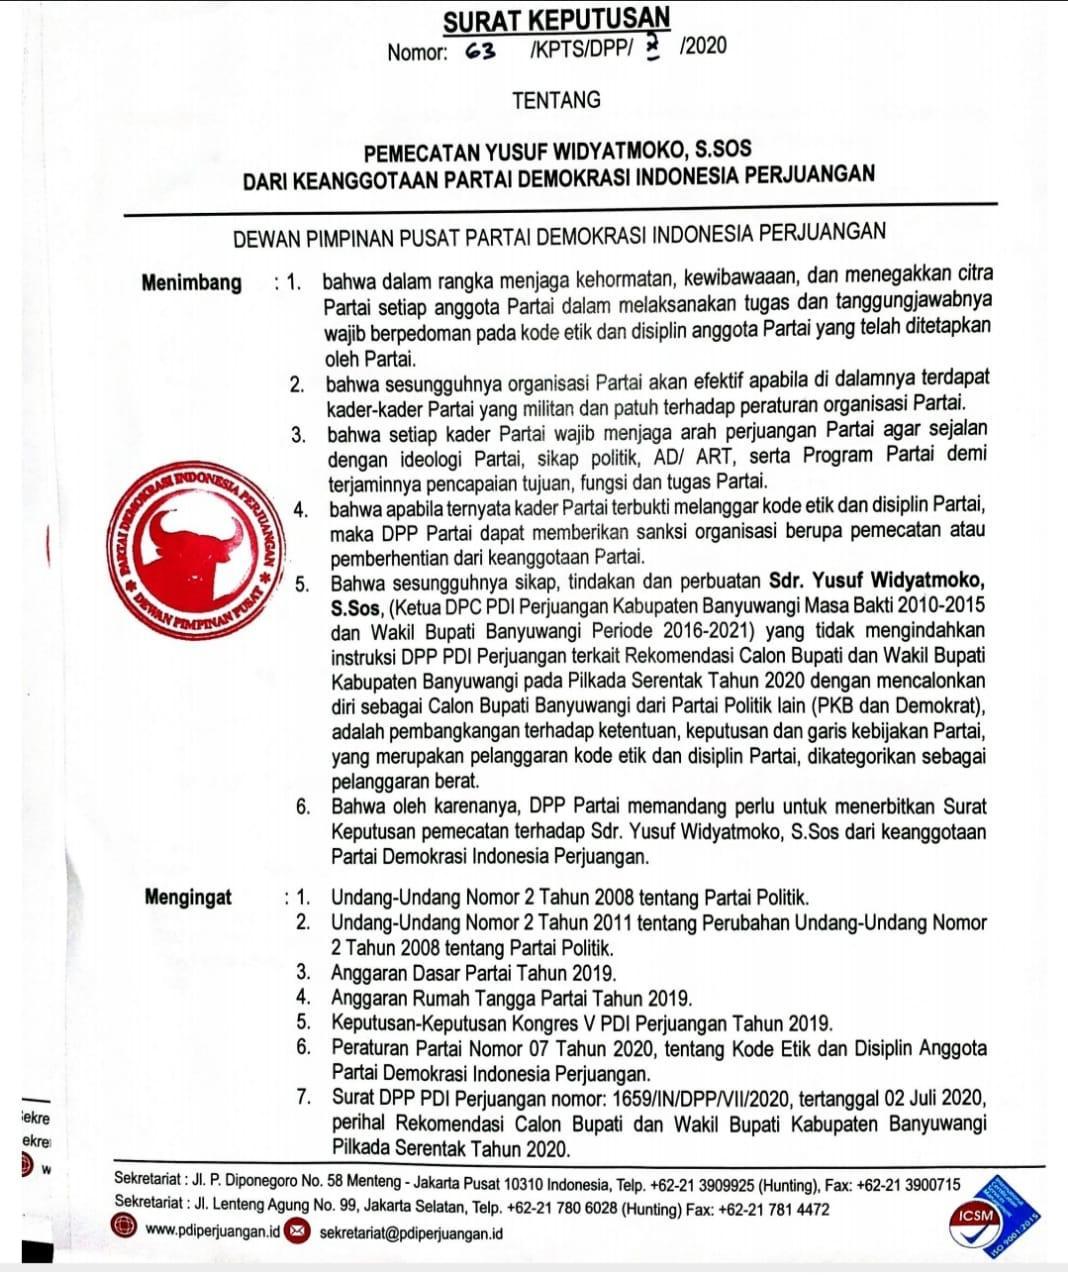 PDIP Resmi Pecat Kader Yusuf Widyatmoko Cabub Banyuwangi